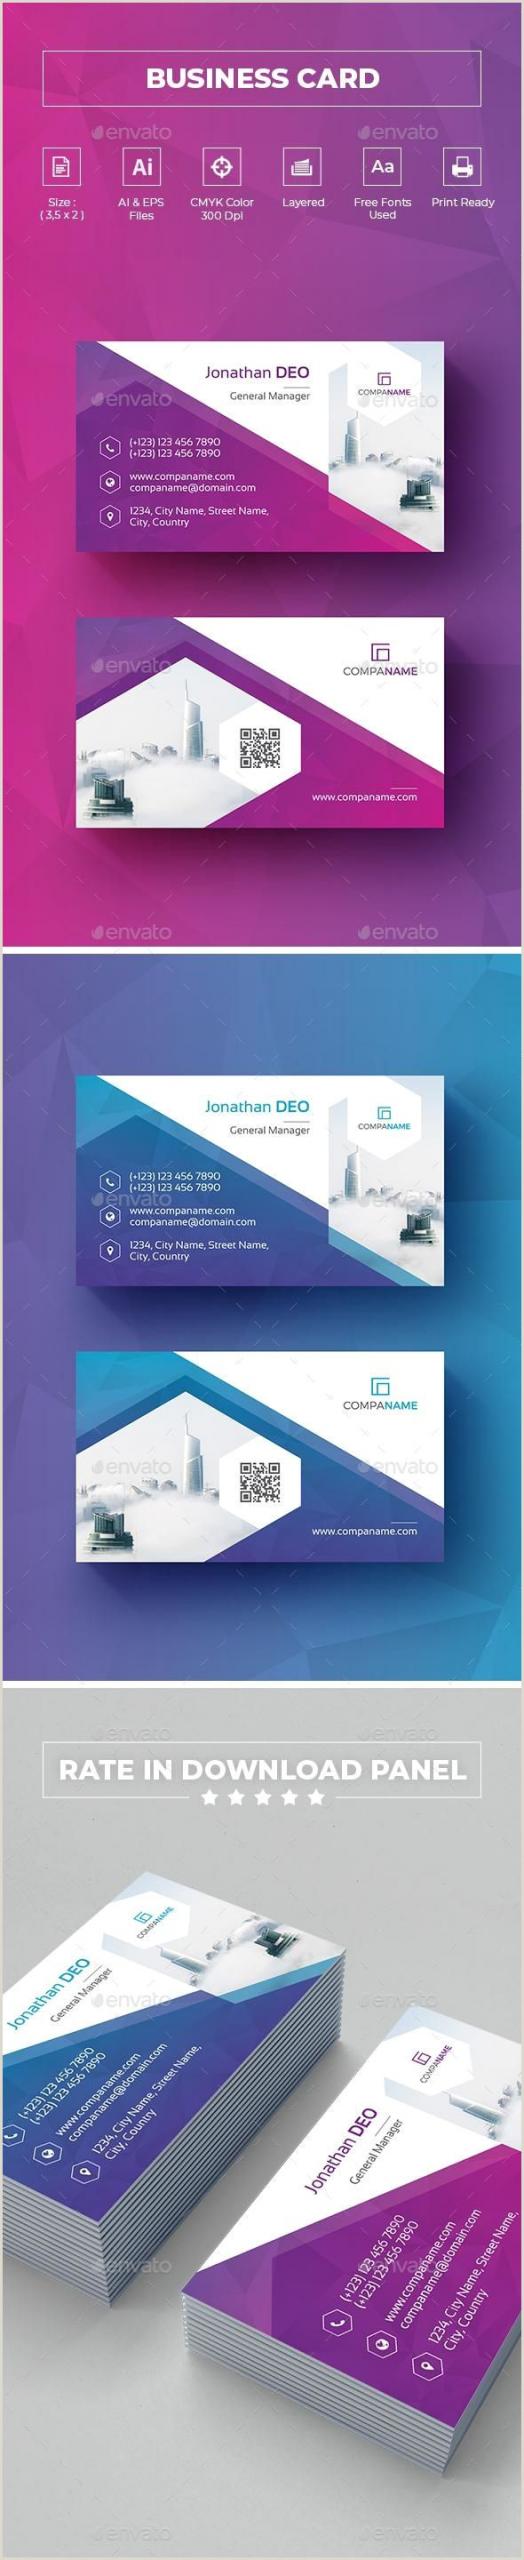 Business Card Pinterest Business Card